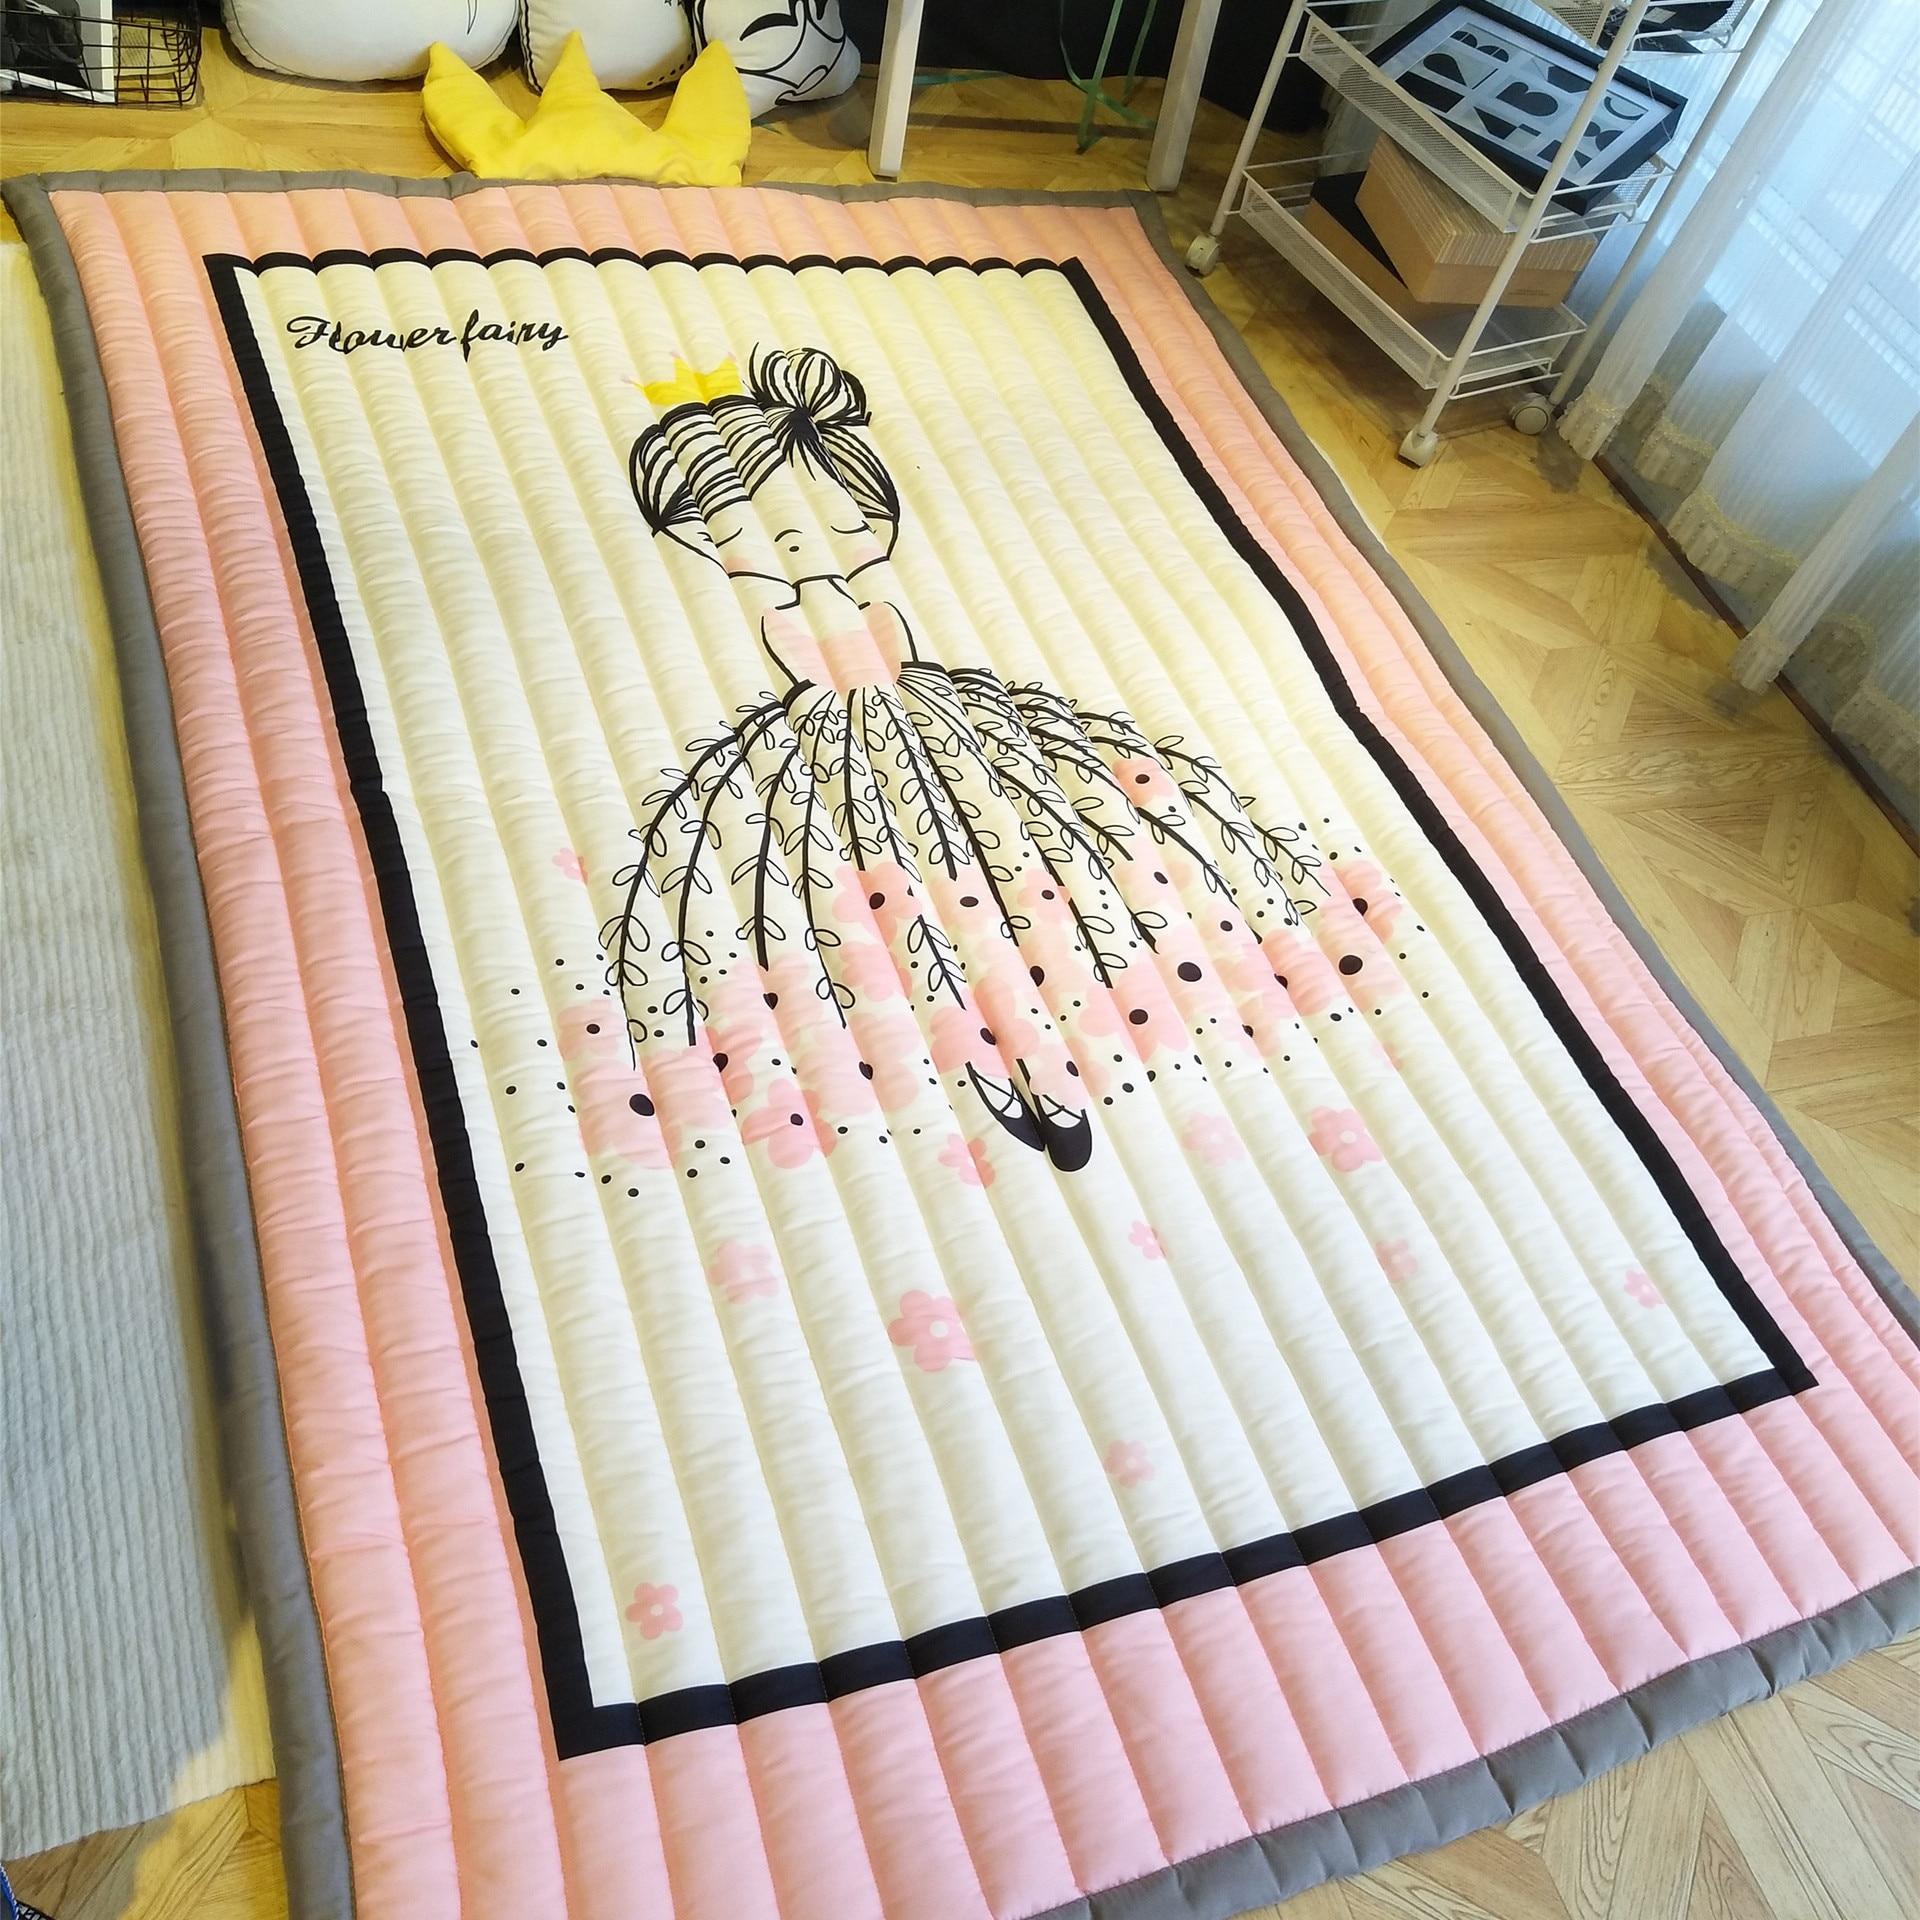 Dessin animé enfant tapis tapis jeu tapis de sol rose mignon japonais Tatami tapis enfants chambre tapis fille enfant cadeau de noël